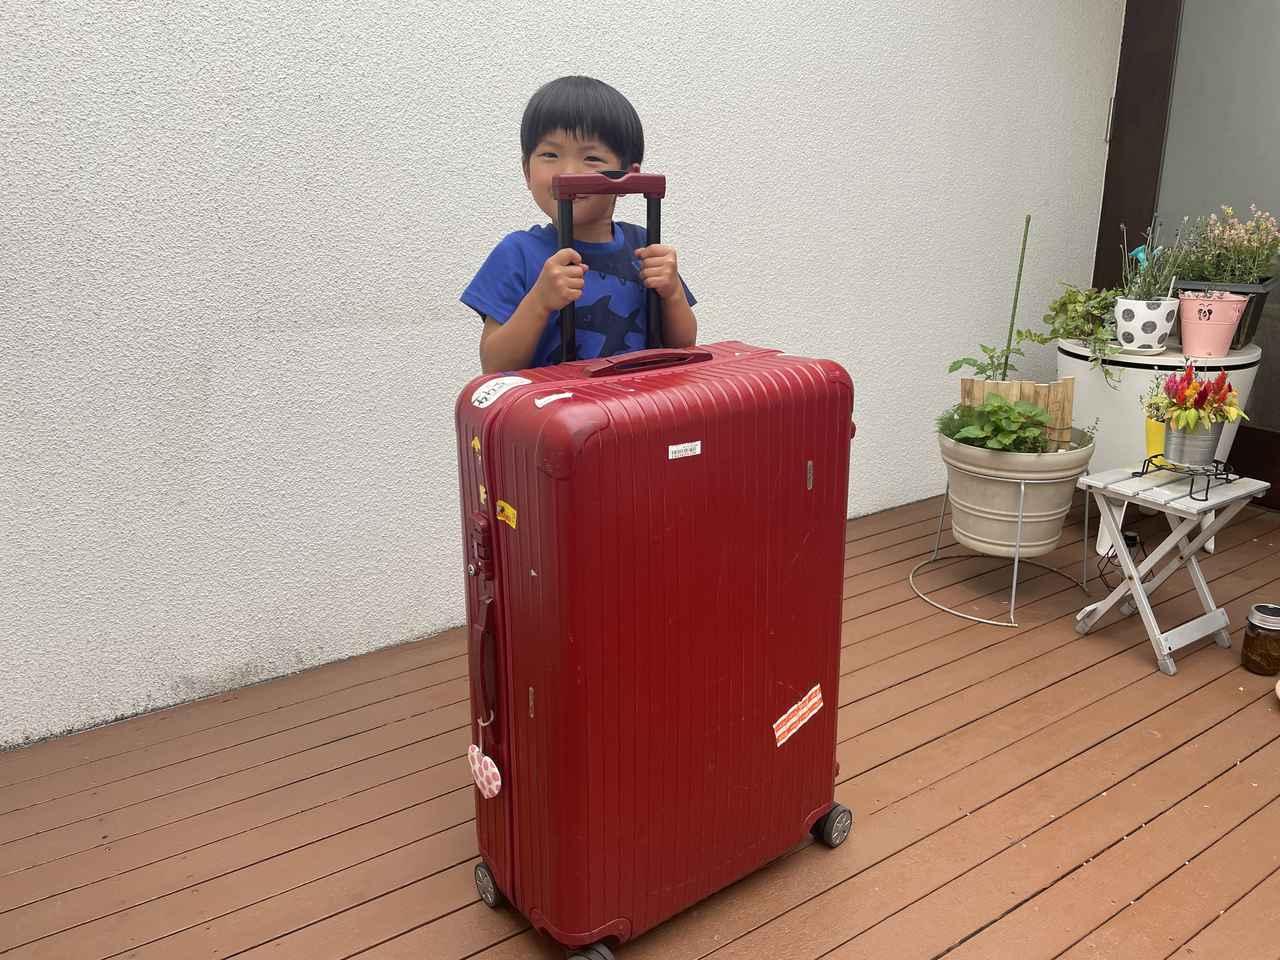 画像: 筆者撮影:5才の息子の大きさと比較してこれくらいのサイズ感